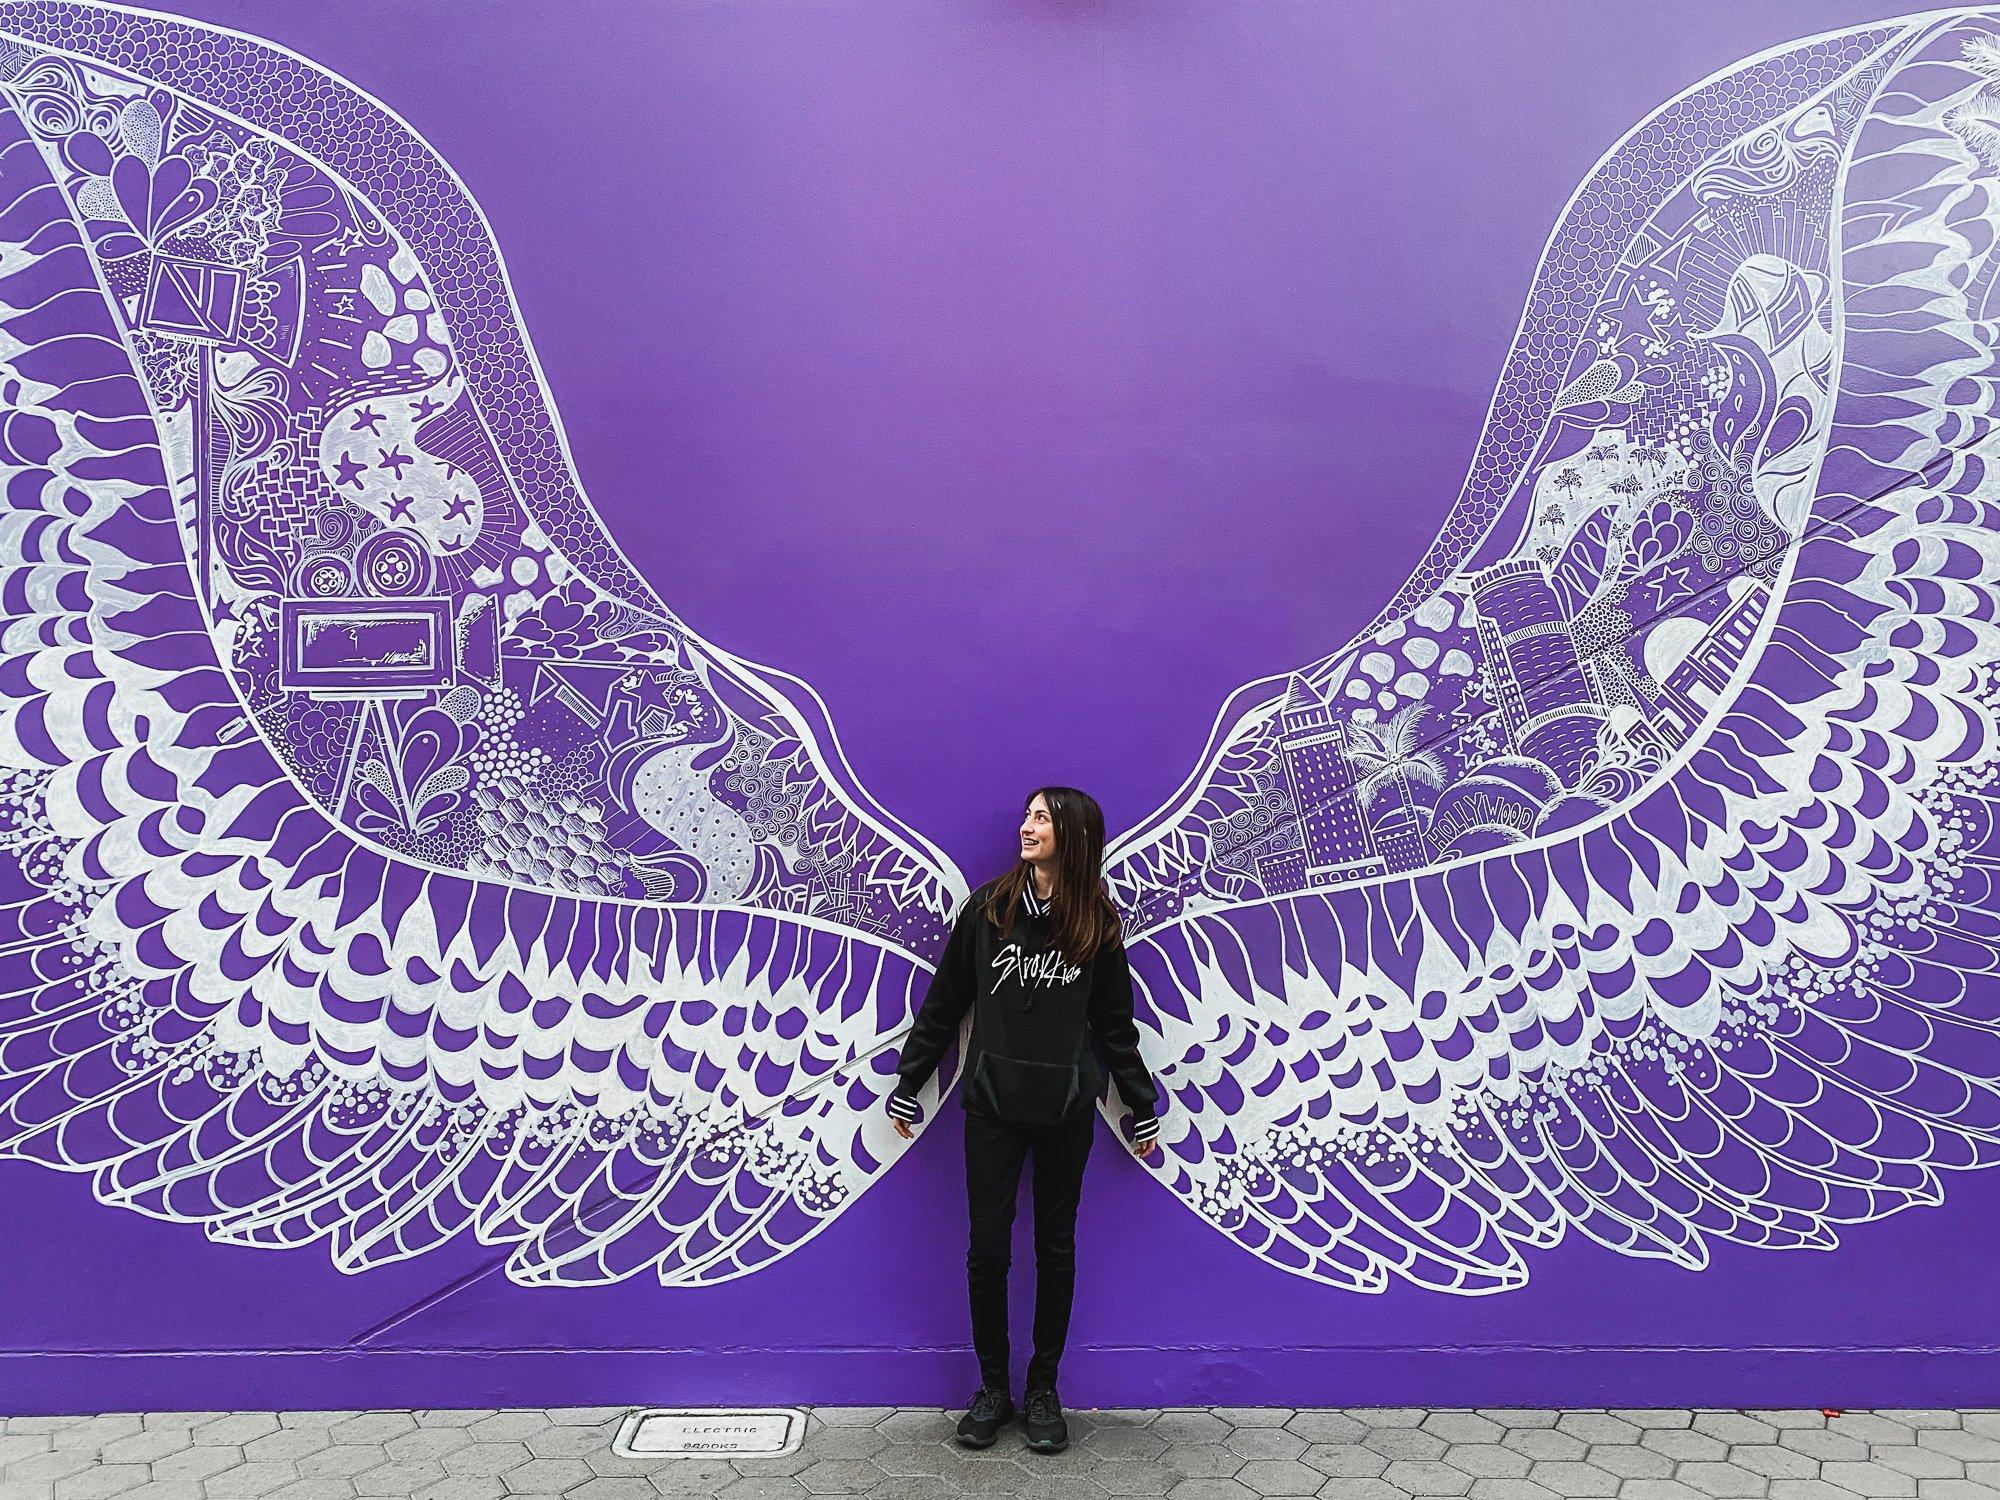 Wing mural at Universal CityWalk in Burbank